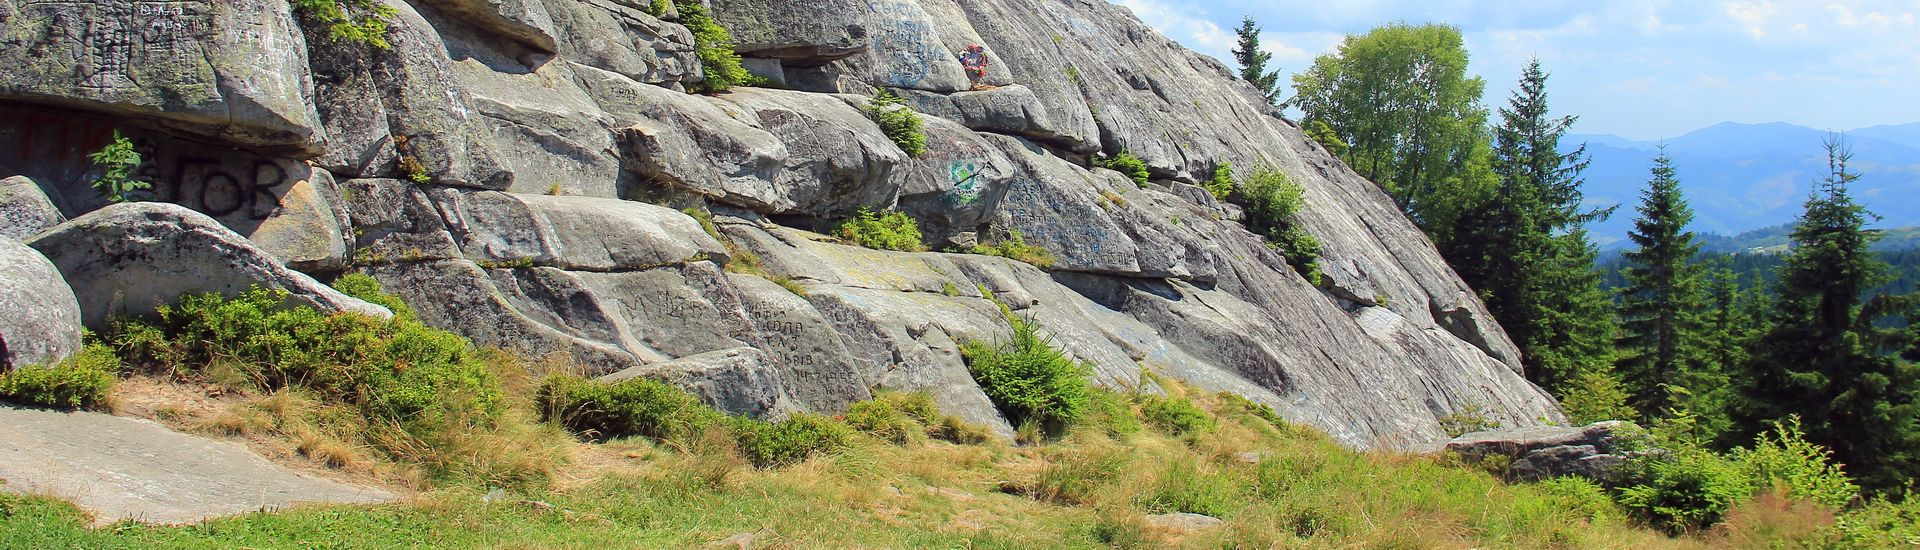 Гора Писаний Камінь, туристичний маршрут